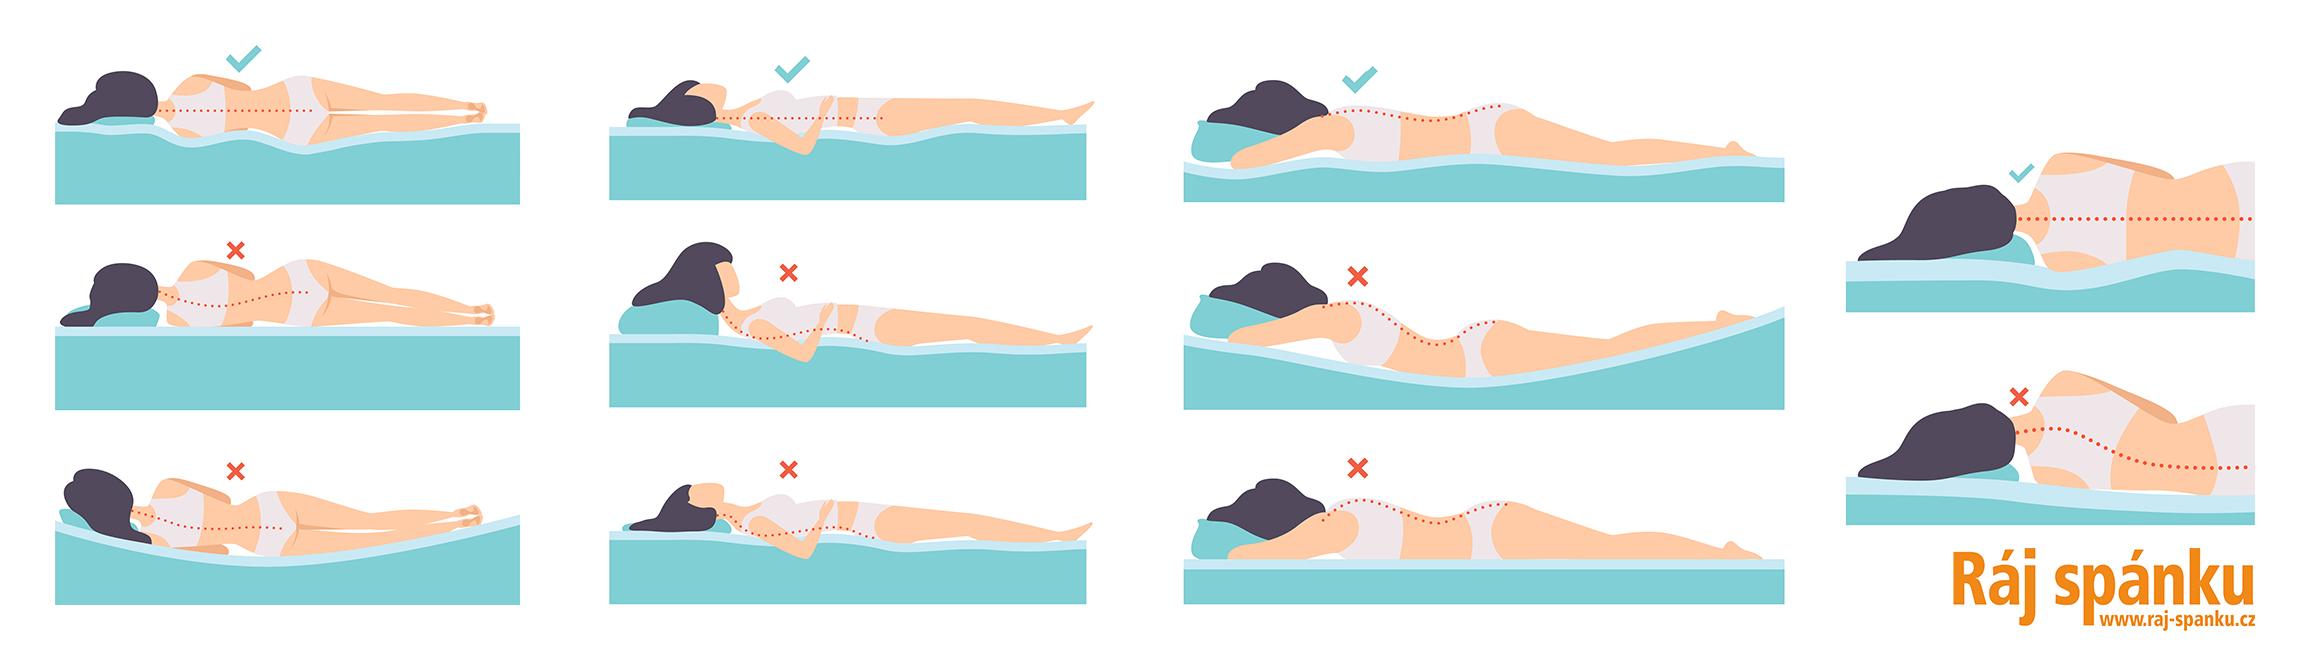 Jak správně ležet na matraci